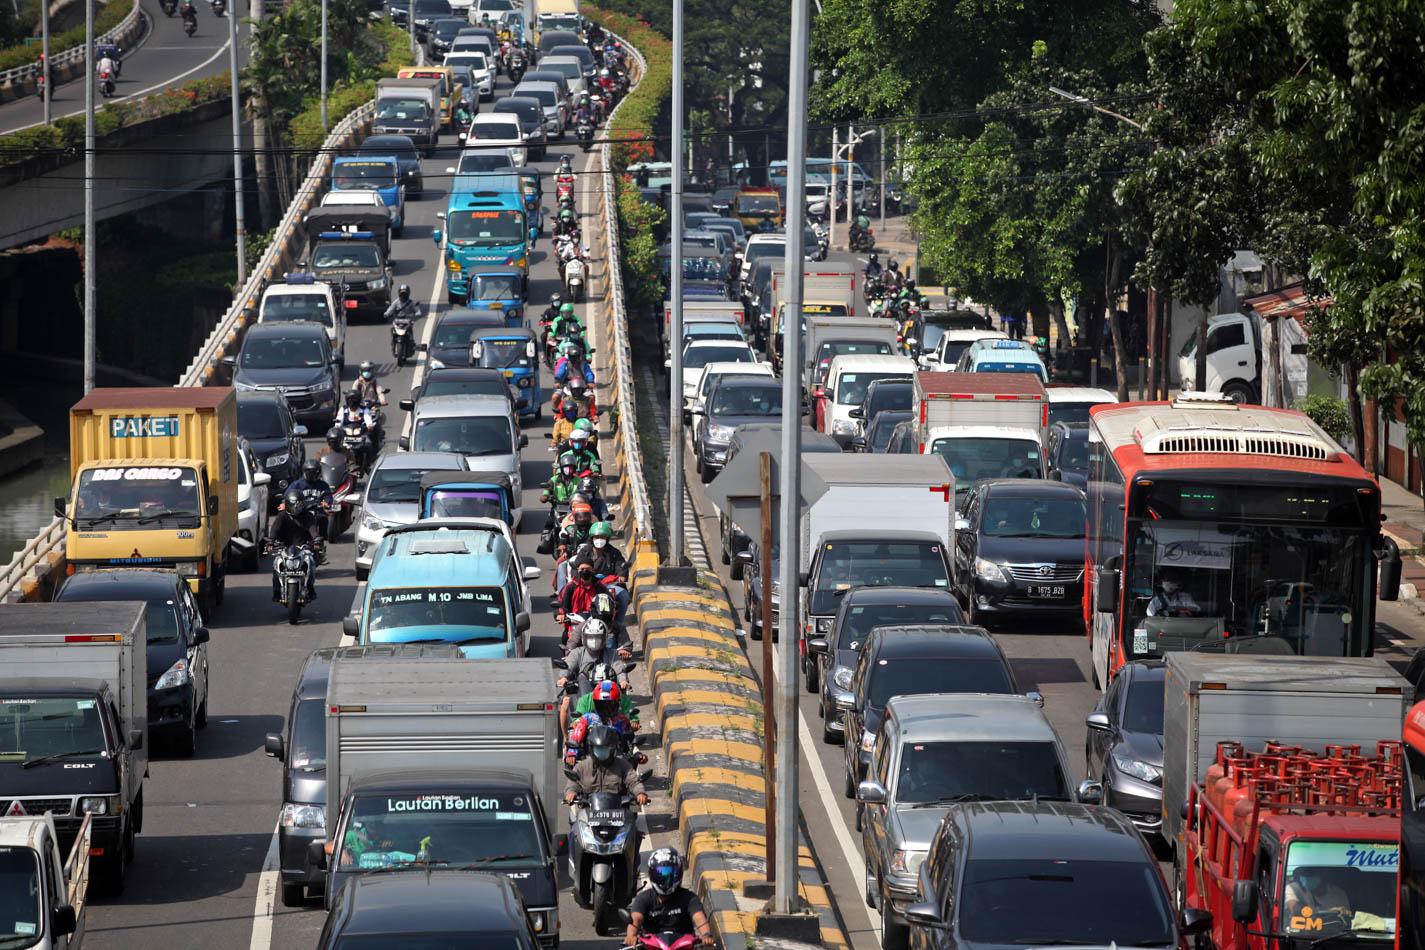 Jakarta Kota Terburuk di Dunia, Wagub: Pak Anies Tentu Ingin Lebih Baik